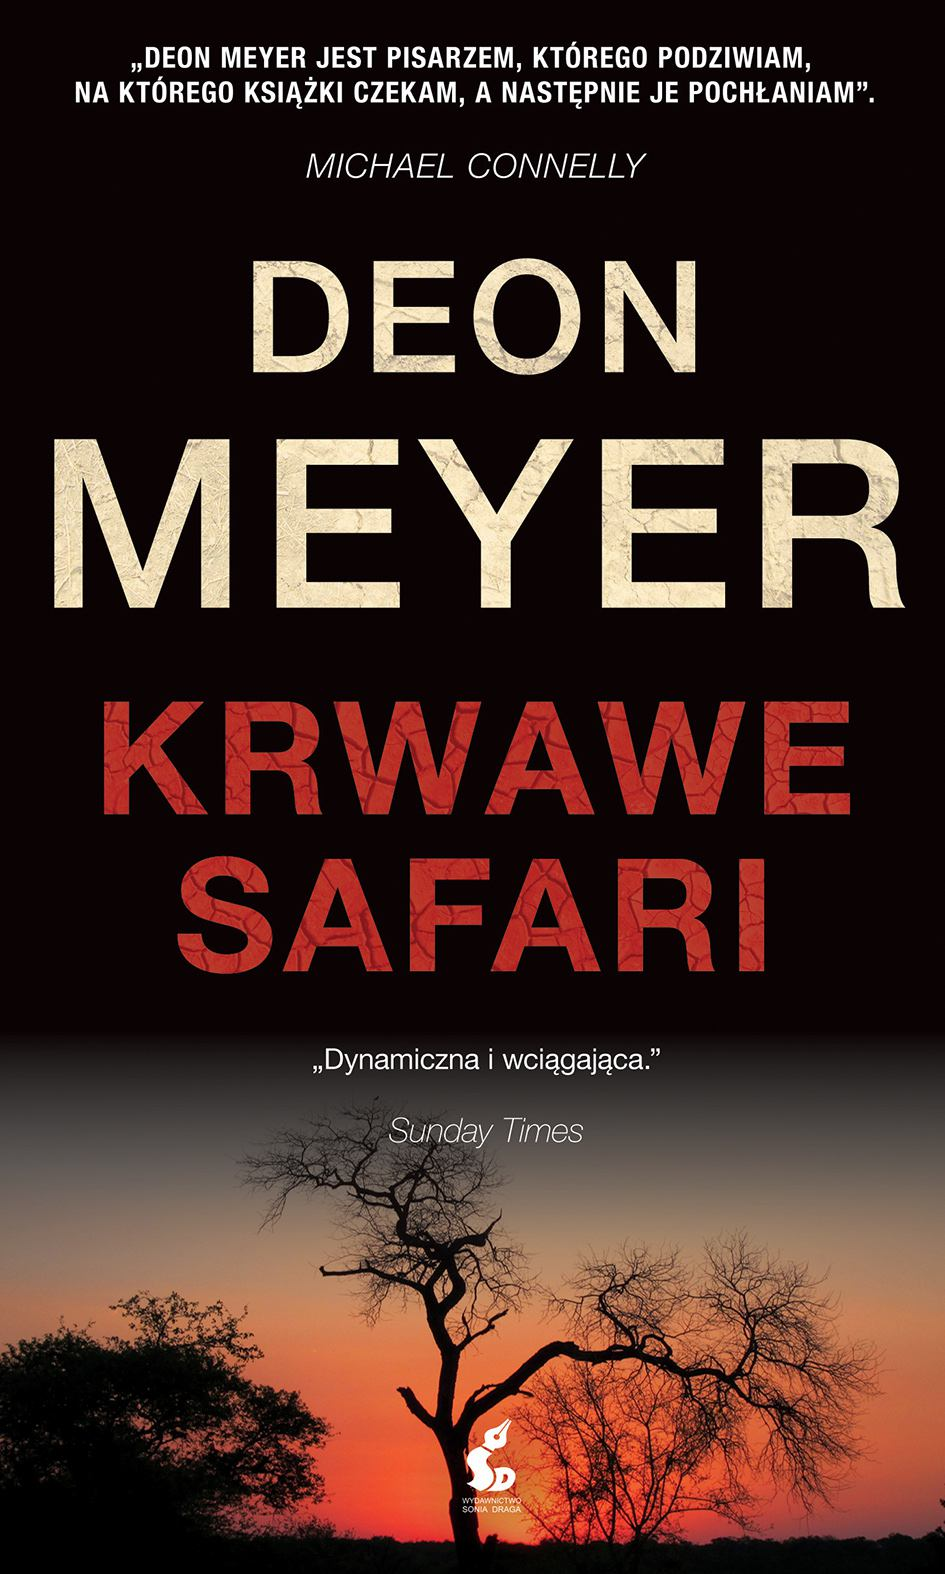 Krwawe safari - Ebook (Książka na Kindle) do pobrania w formacie MOBI